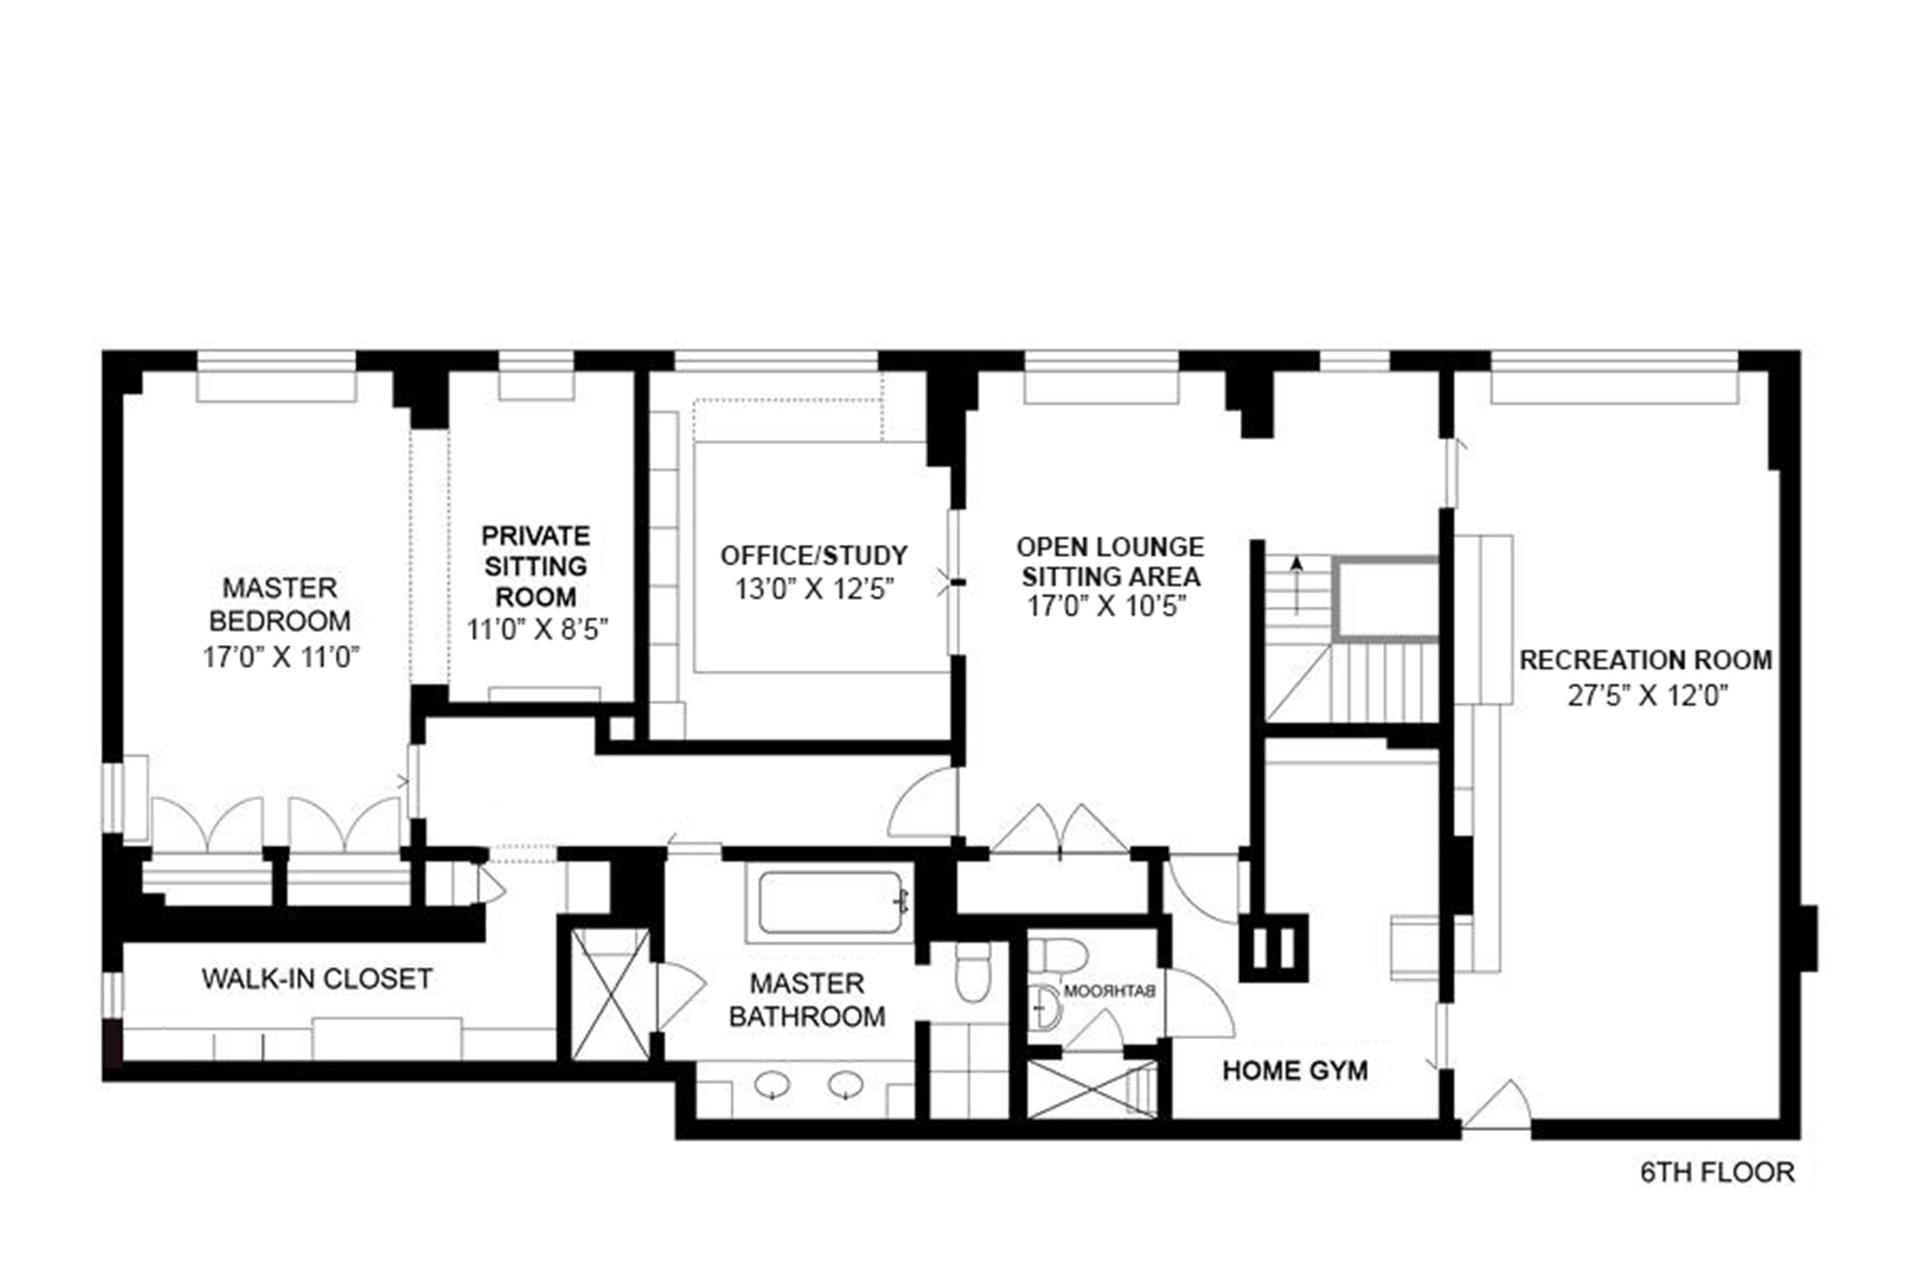 Floor plan of 200 East 84th St, 5/6G - Upper East Side, New York